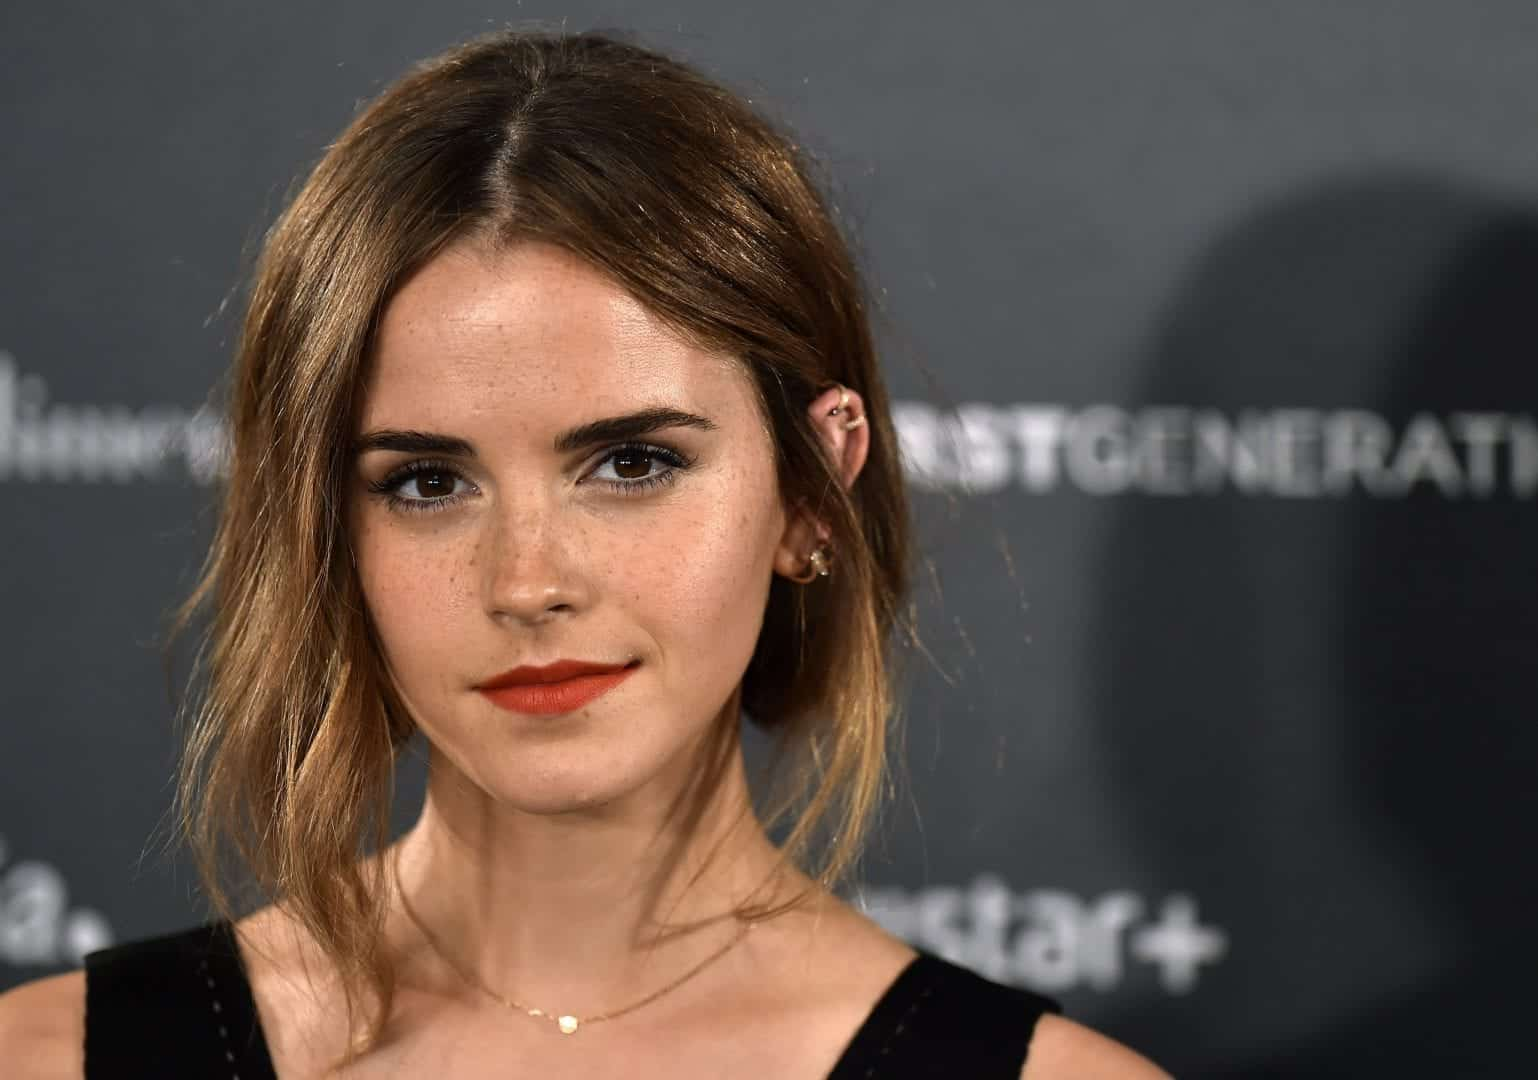 Mulher mais bonita do mundo - Quem é? Confira lista com 20 nomes